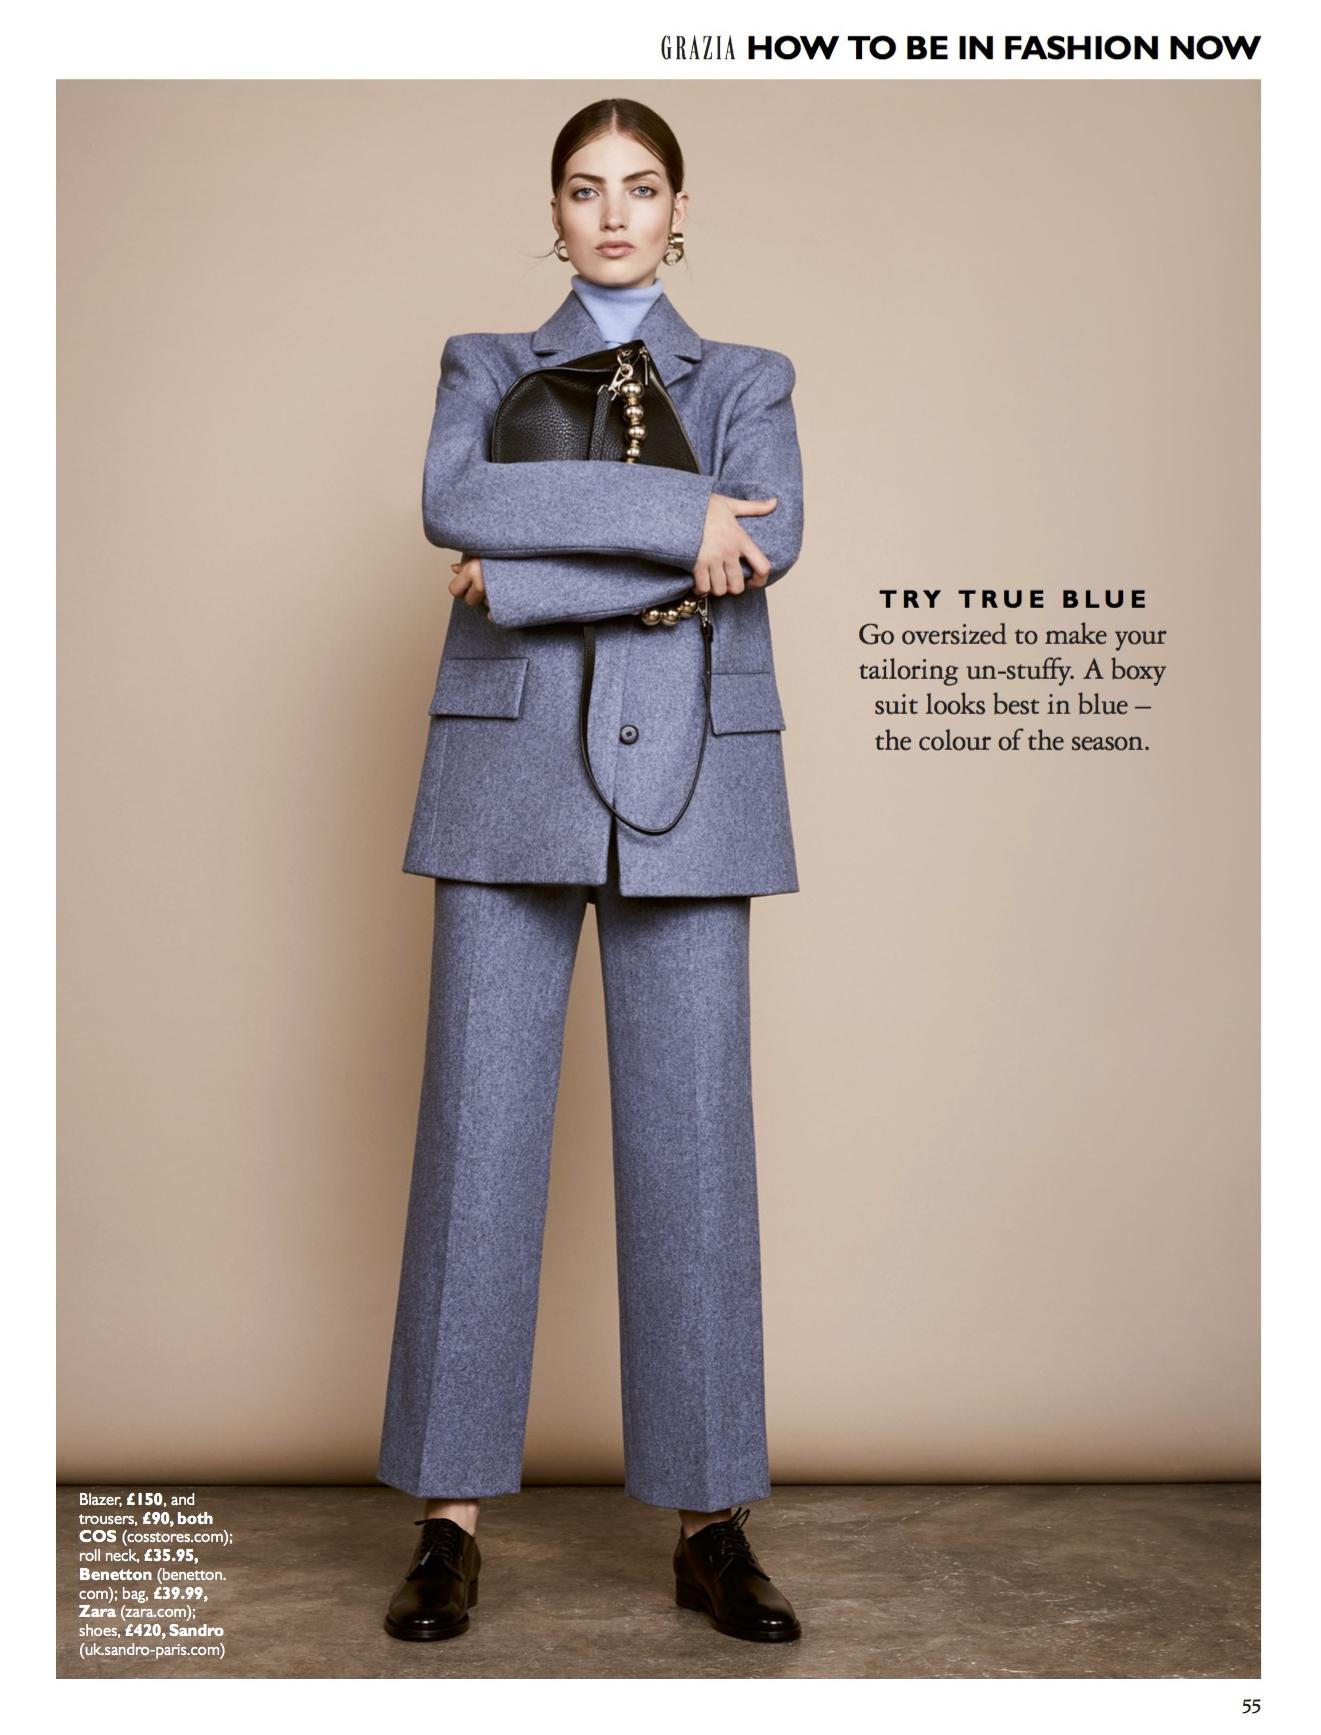 Fashion_Wardrobe Workshop Workwear_pdf_4 copy.jpg